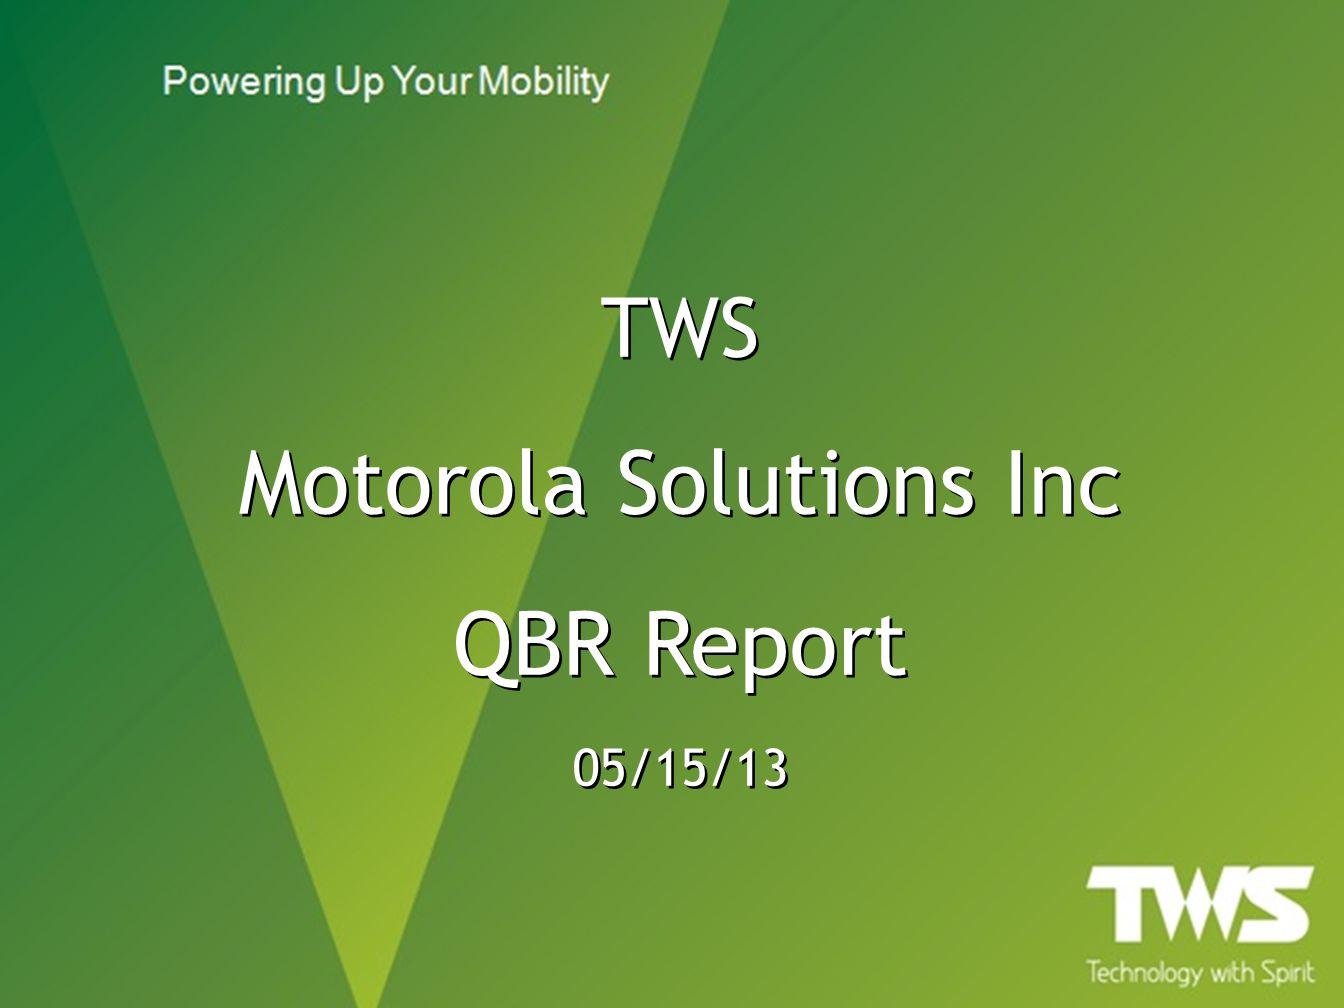 Motorola Solutions Inc QBR Report